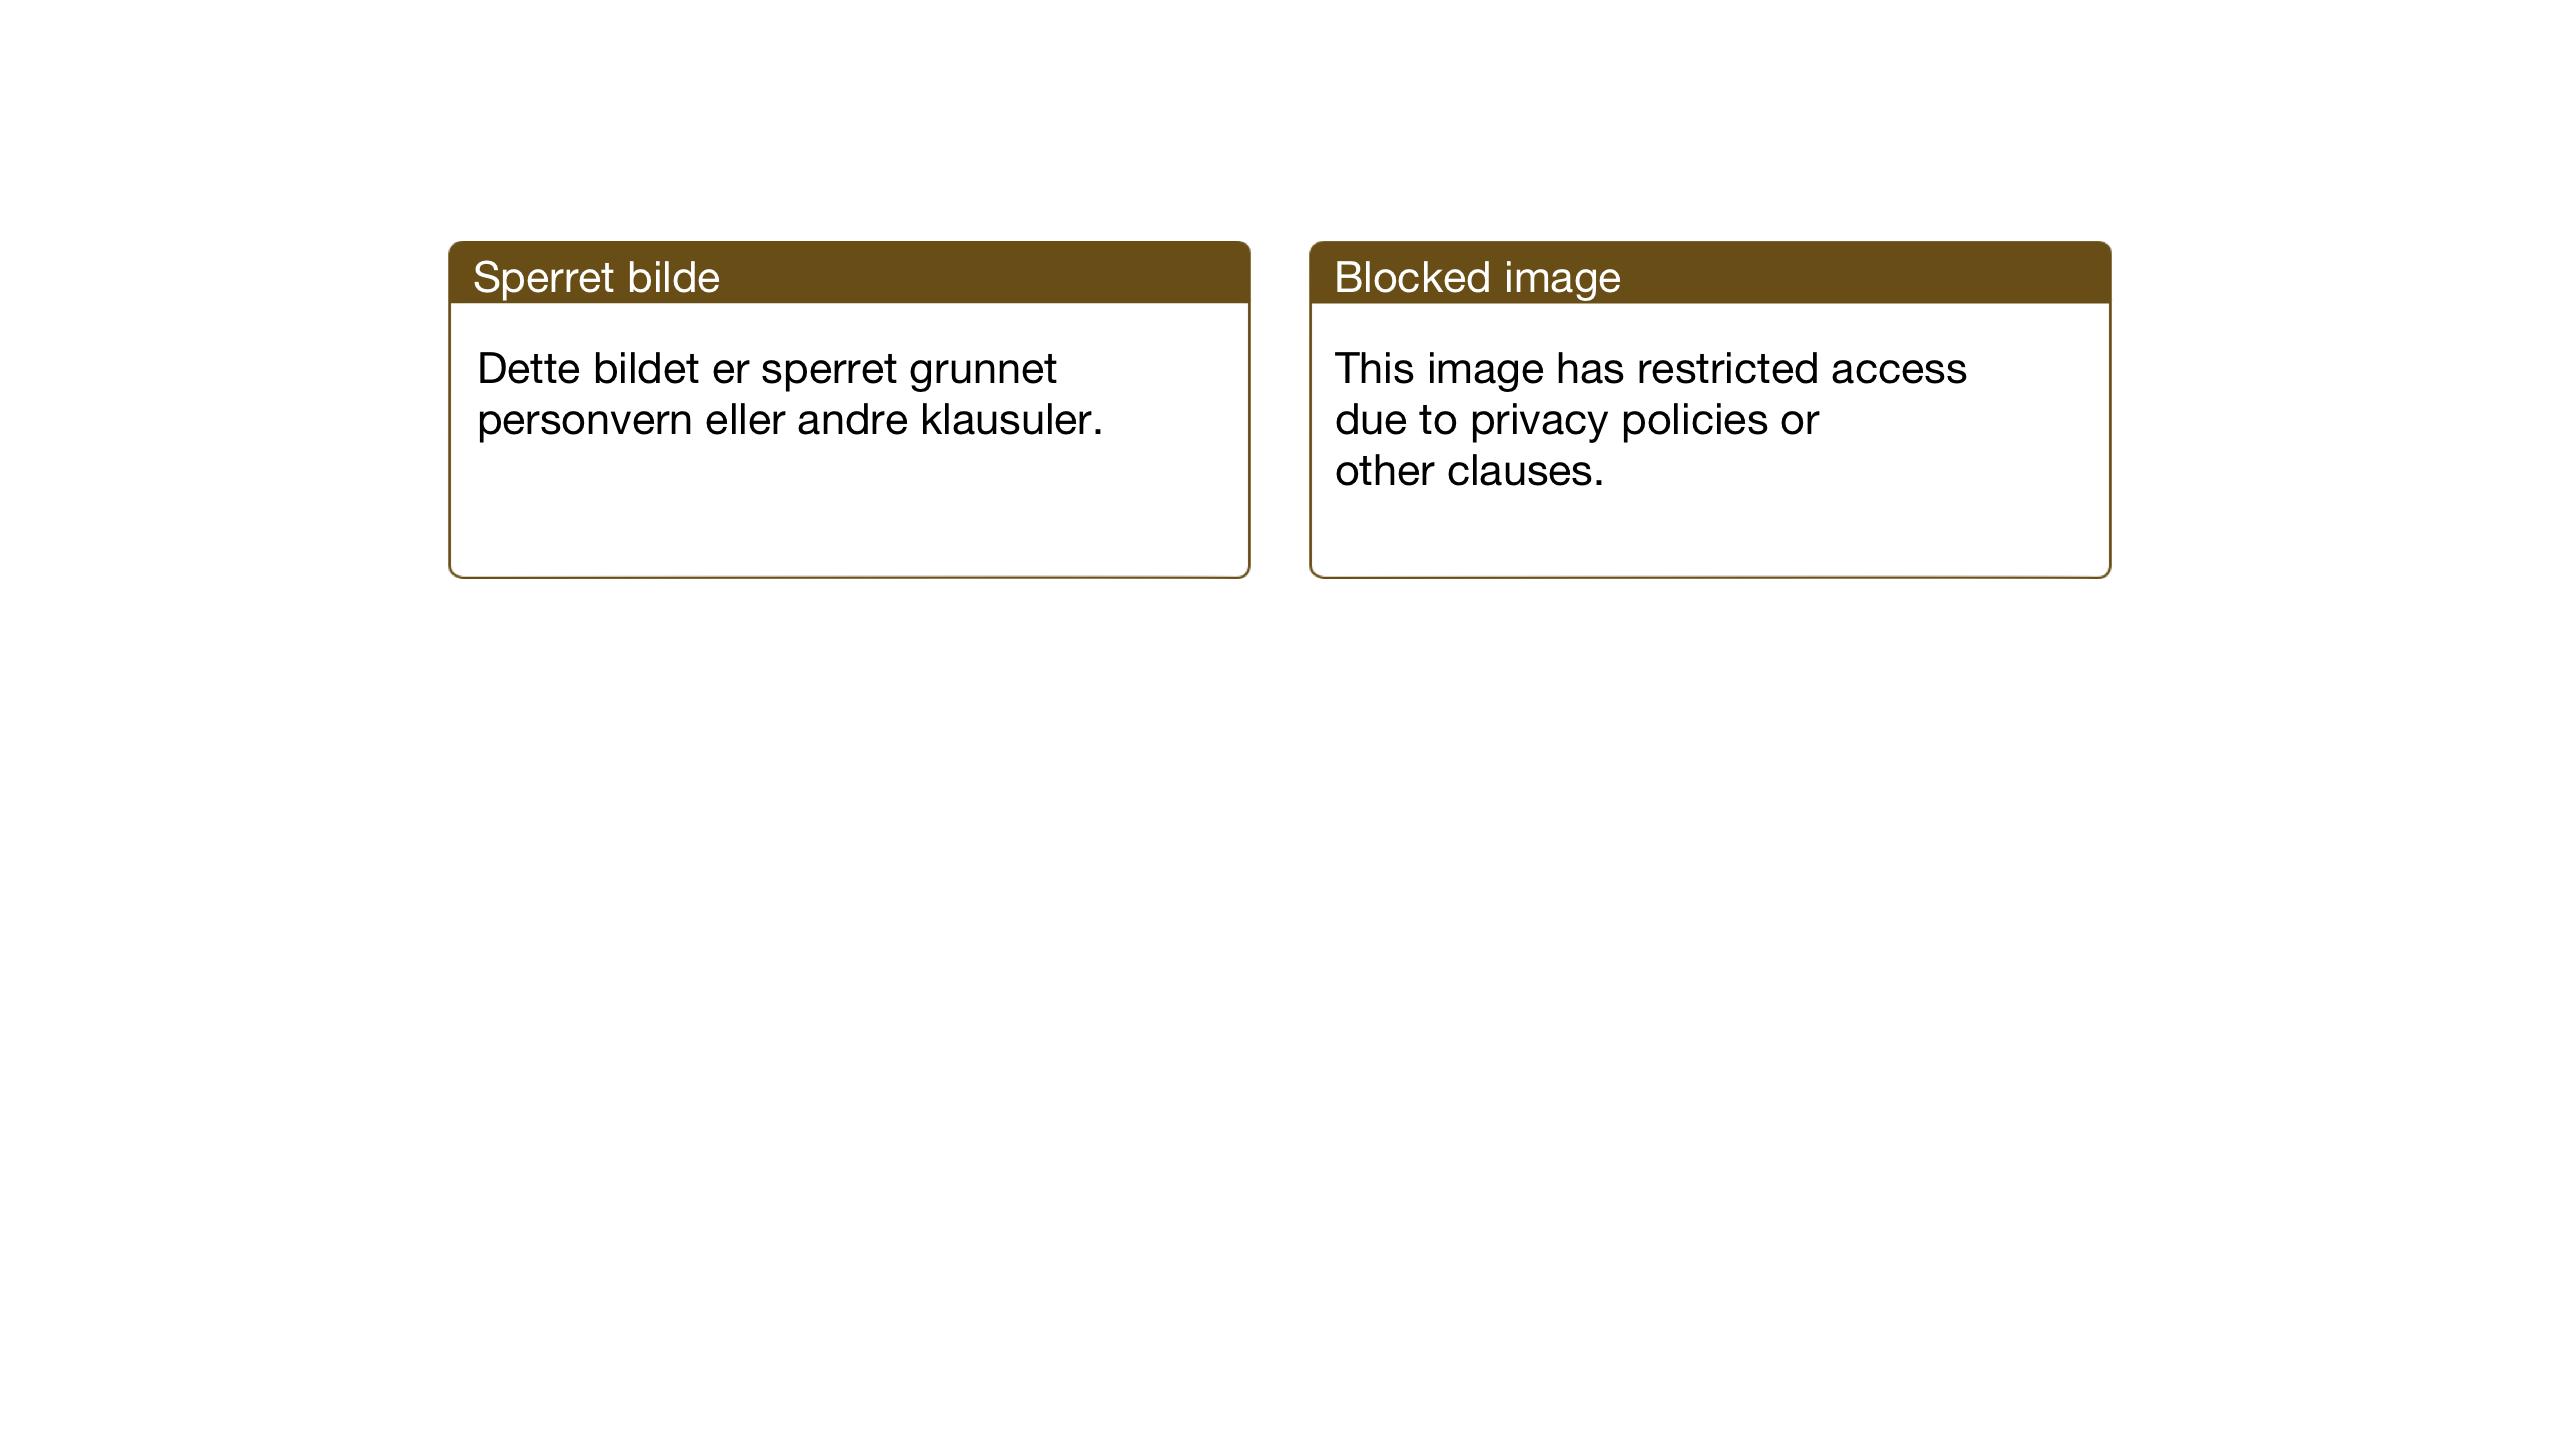 SAT, Ministerialprotokoller, klokkerbøker og fødselsregistre - Nord-Trøndelag, 713/L0125: Klokkerbok nr. 713C02, 1931-1941, s. 33